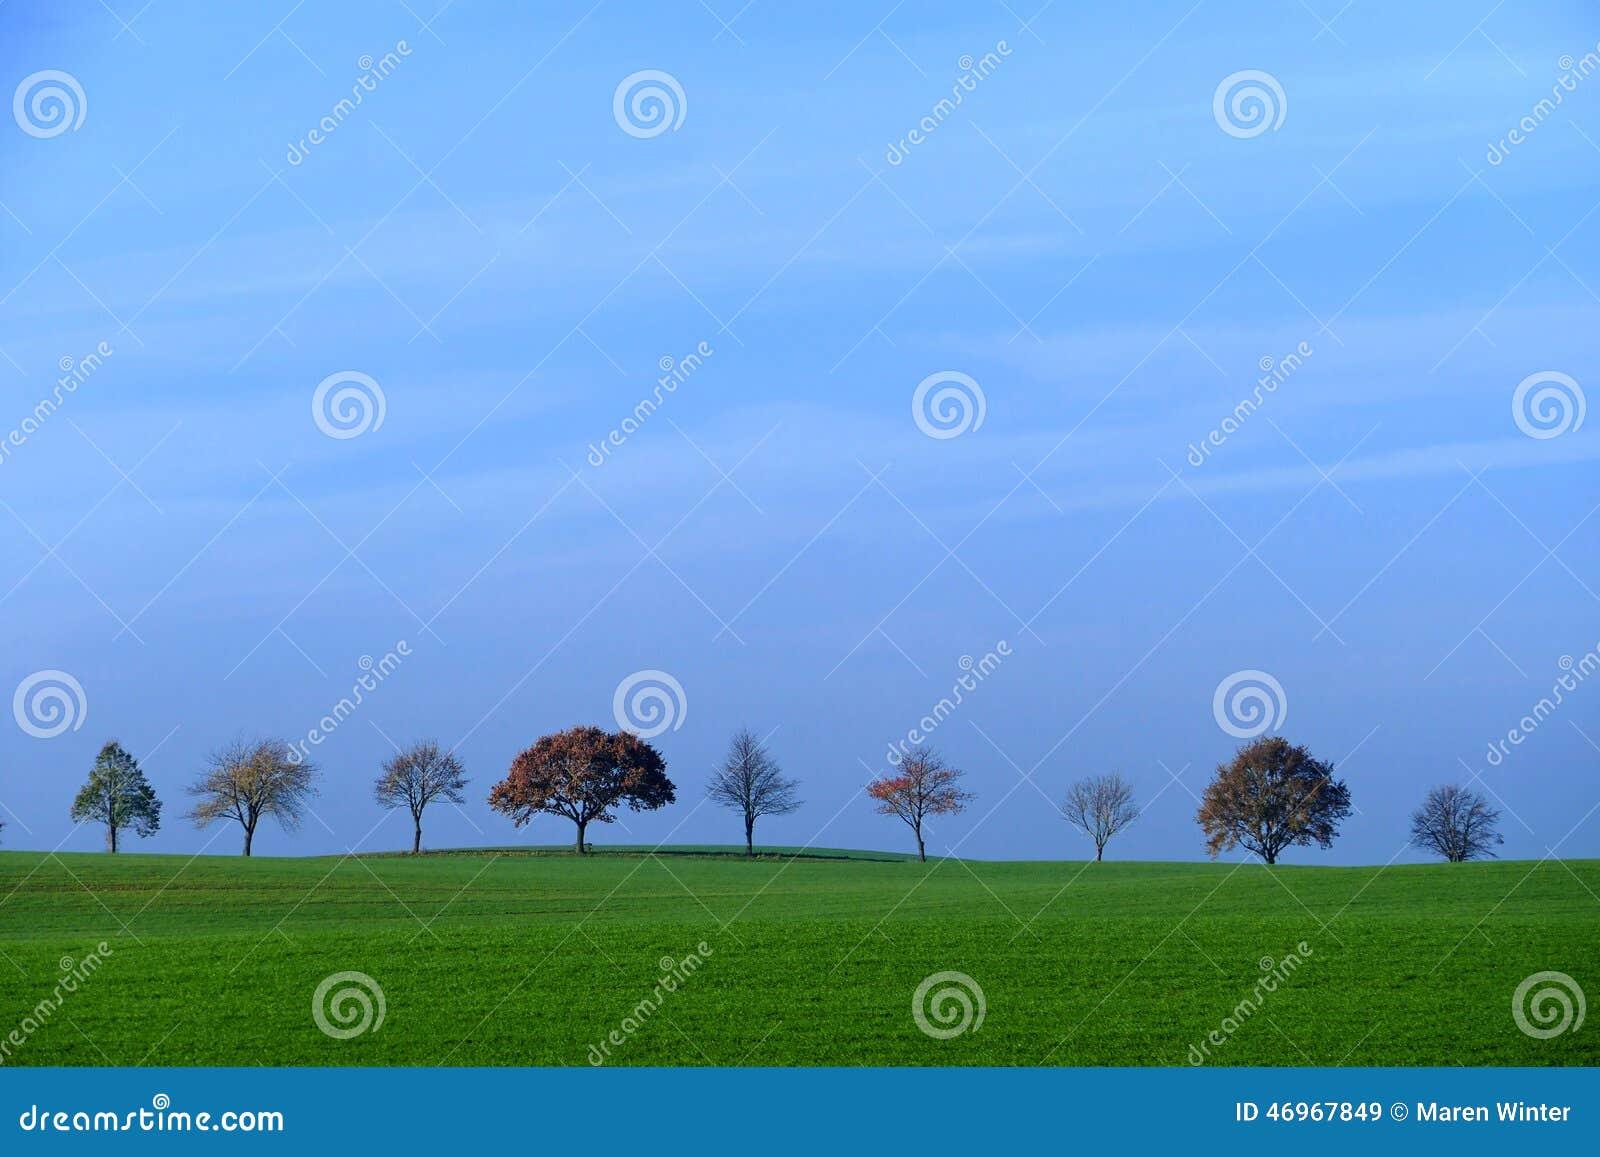 Υπόλοιπος κόσμος των δέντρων, τομέας με την πράσινη χλόη, μπλε ουρανός, διάστημα αντιγράφων